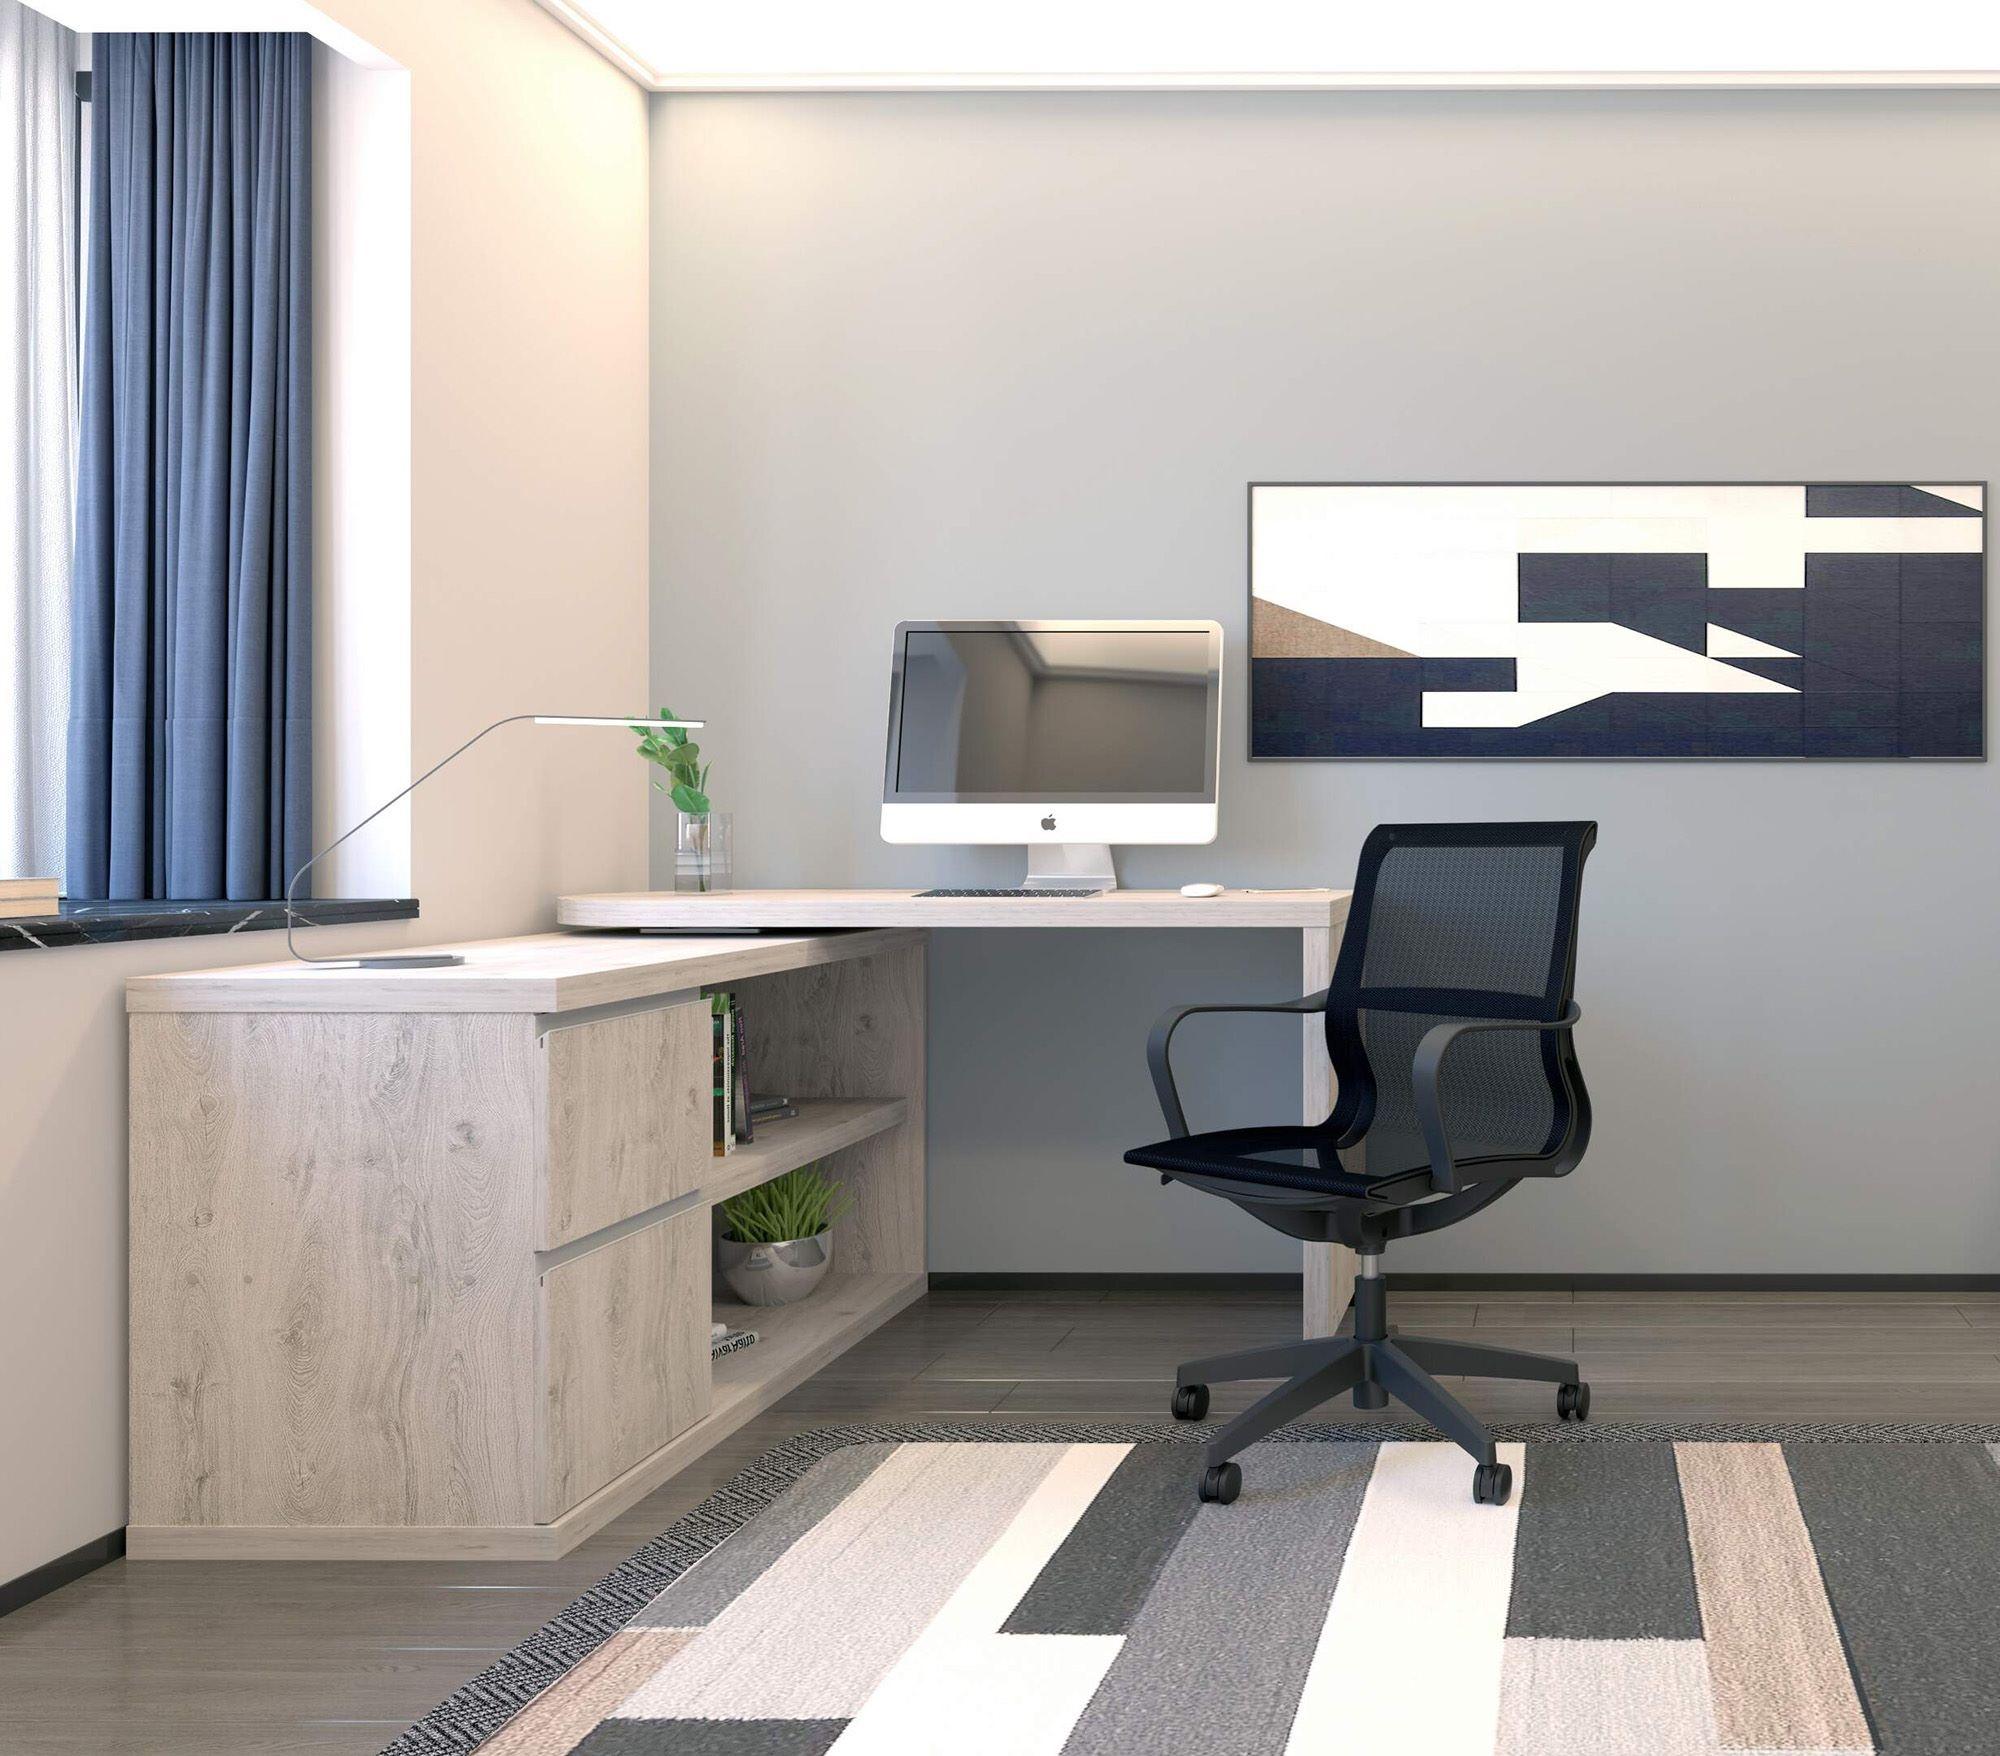 Mezcal Home Office Desk Set Grey Oak, Home Office Desk And Chair Set Uk